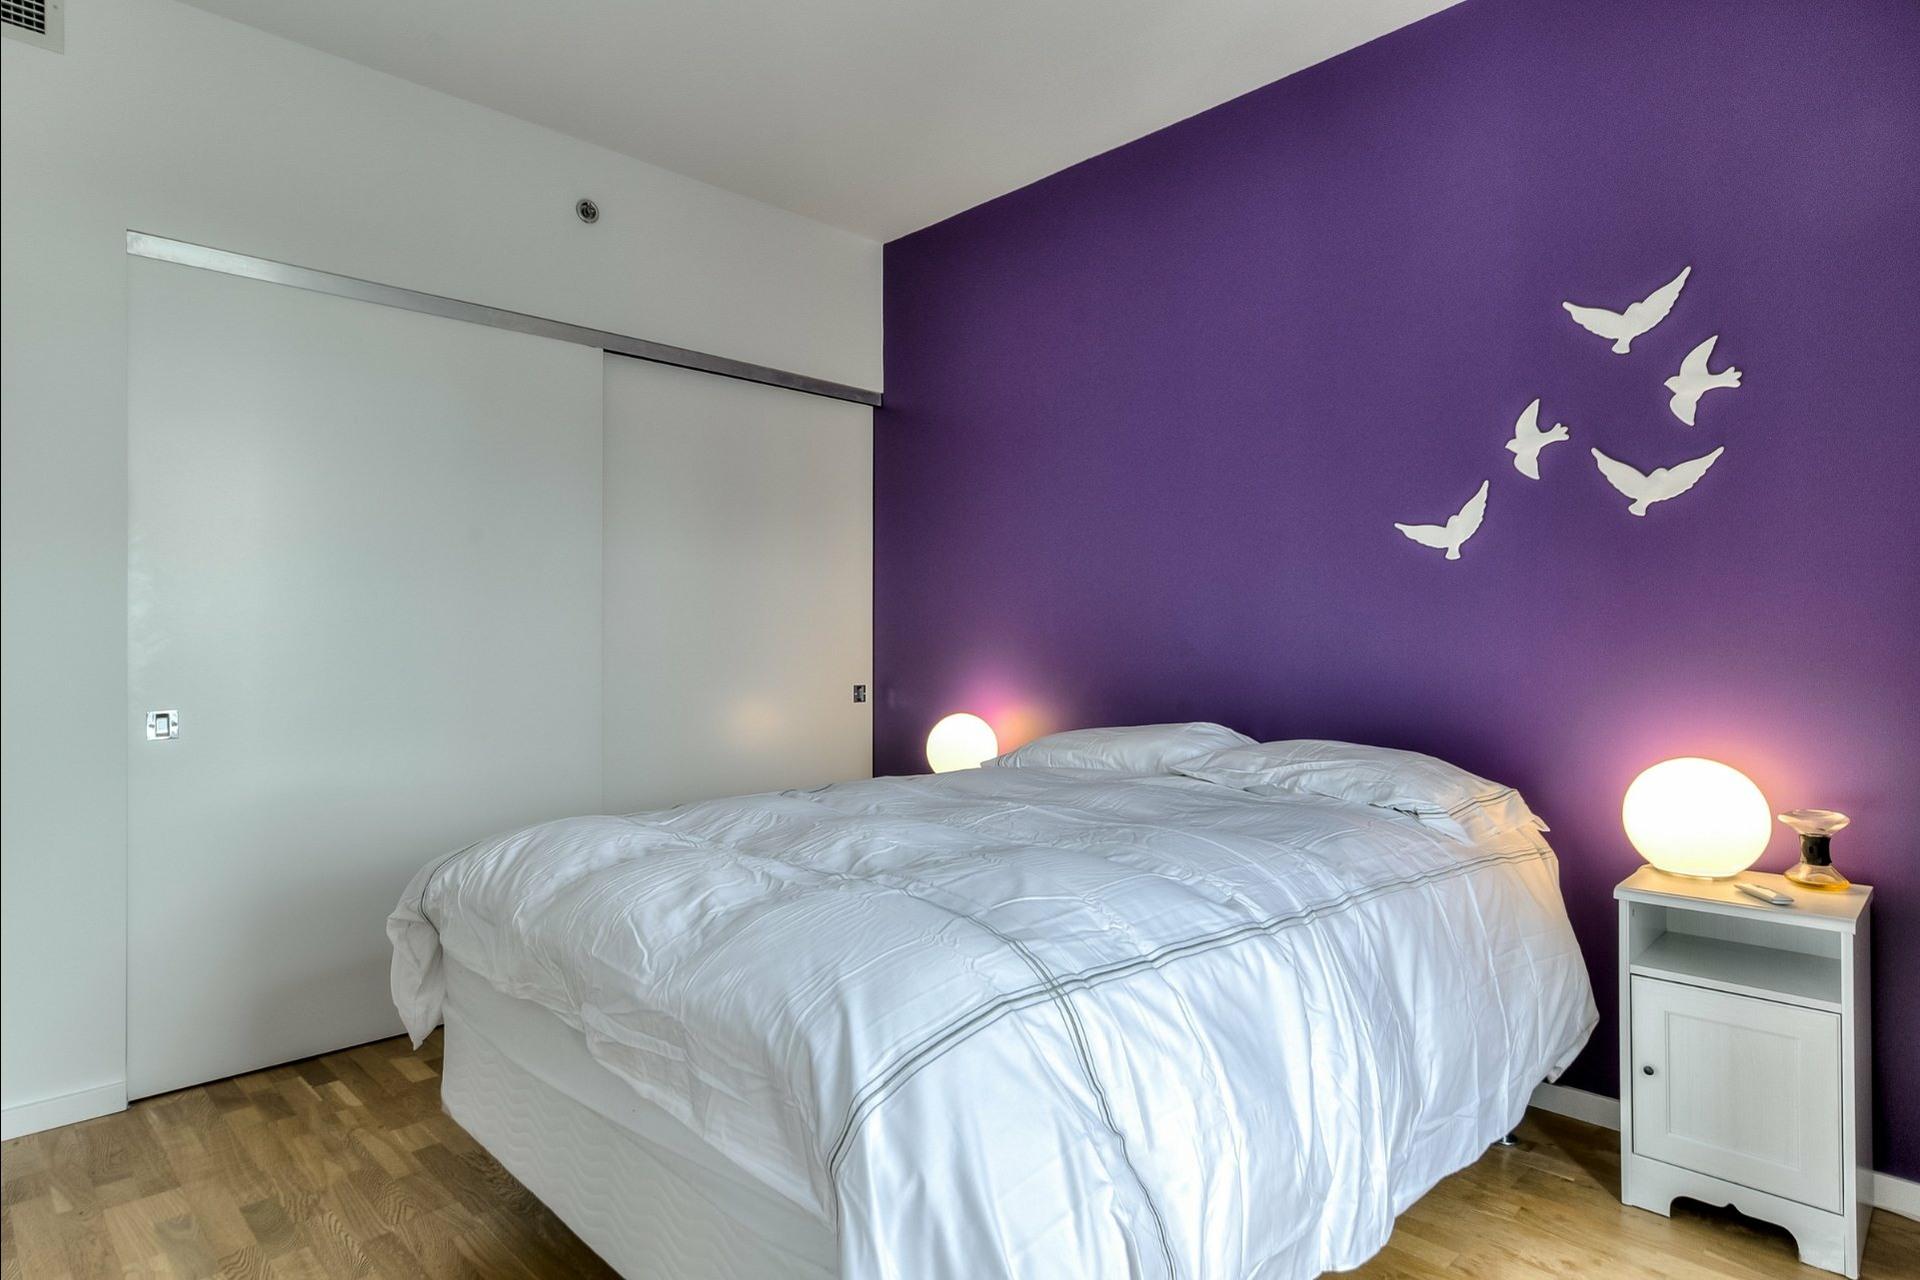 image 9 - Appartement À louer Ville-Marie Montréal  - 5 pièces